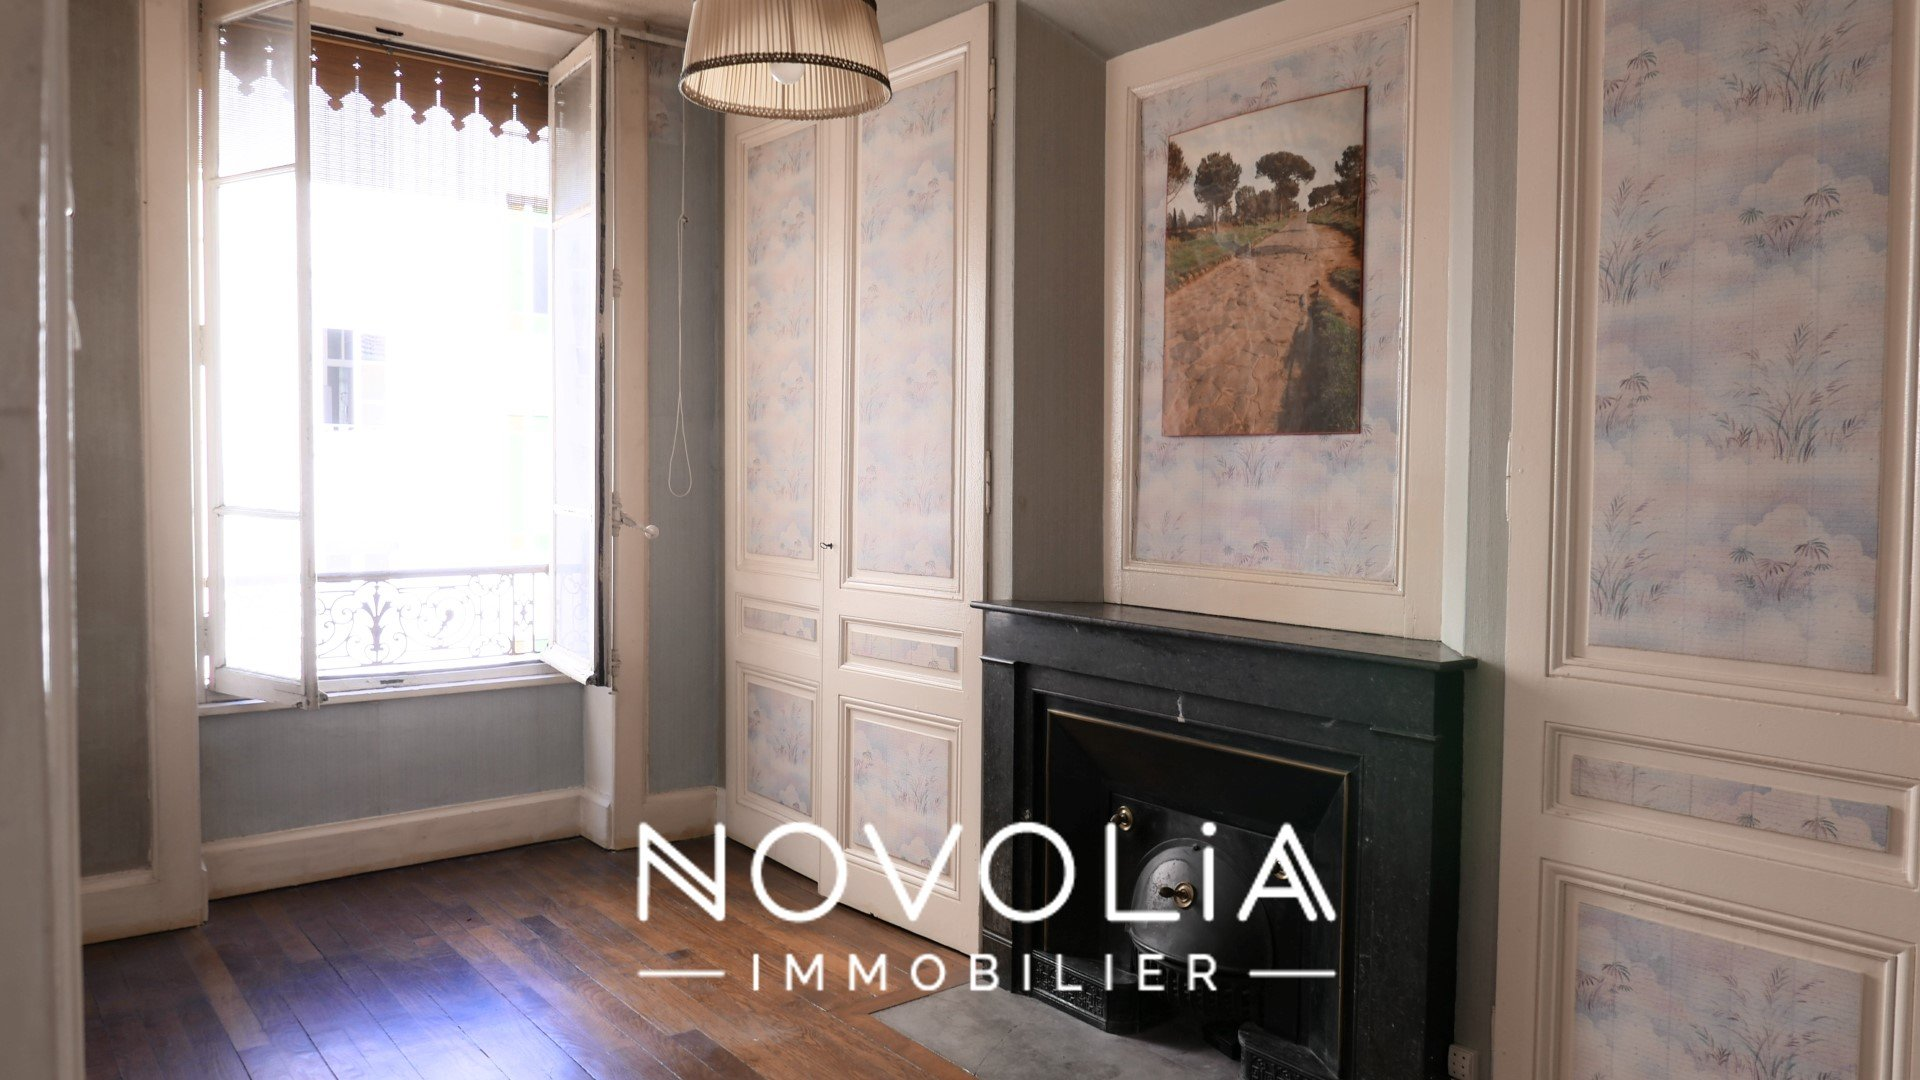 Achat Appartement Surface de 35.43 m²/ Total carrez : 35.43 m², 2 pièces, Lyon 7ème (69007)